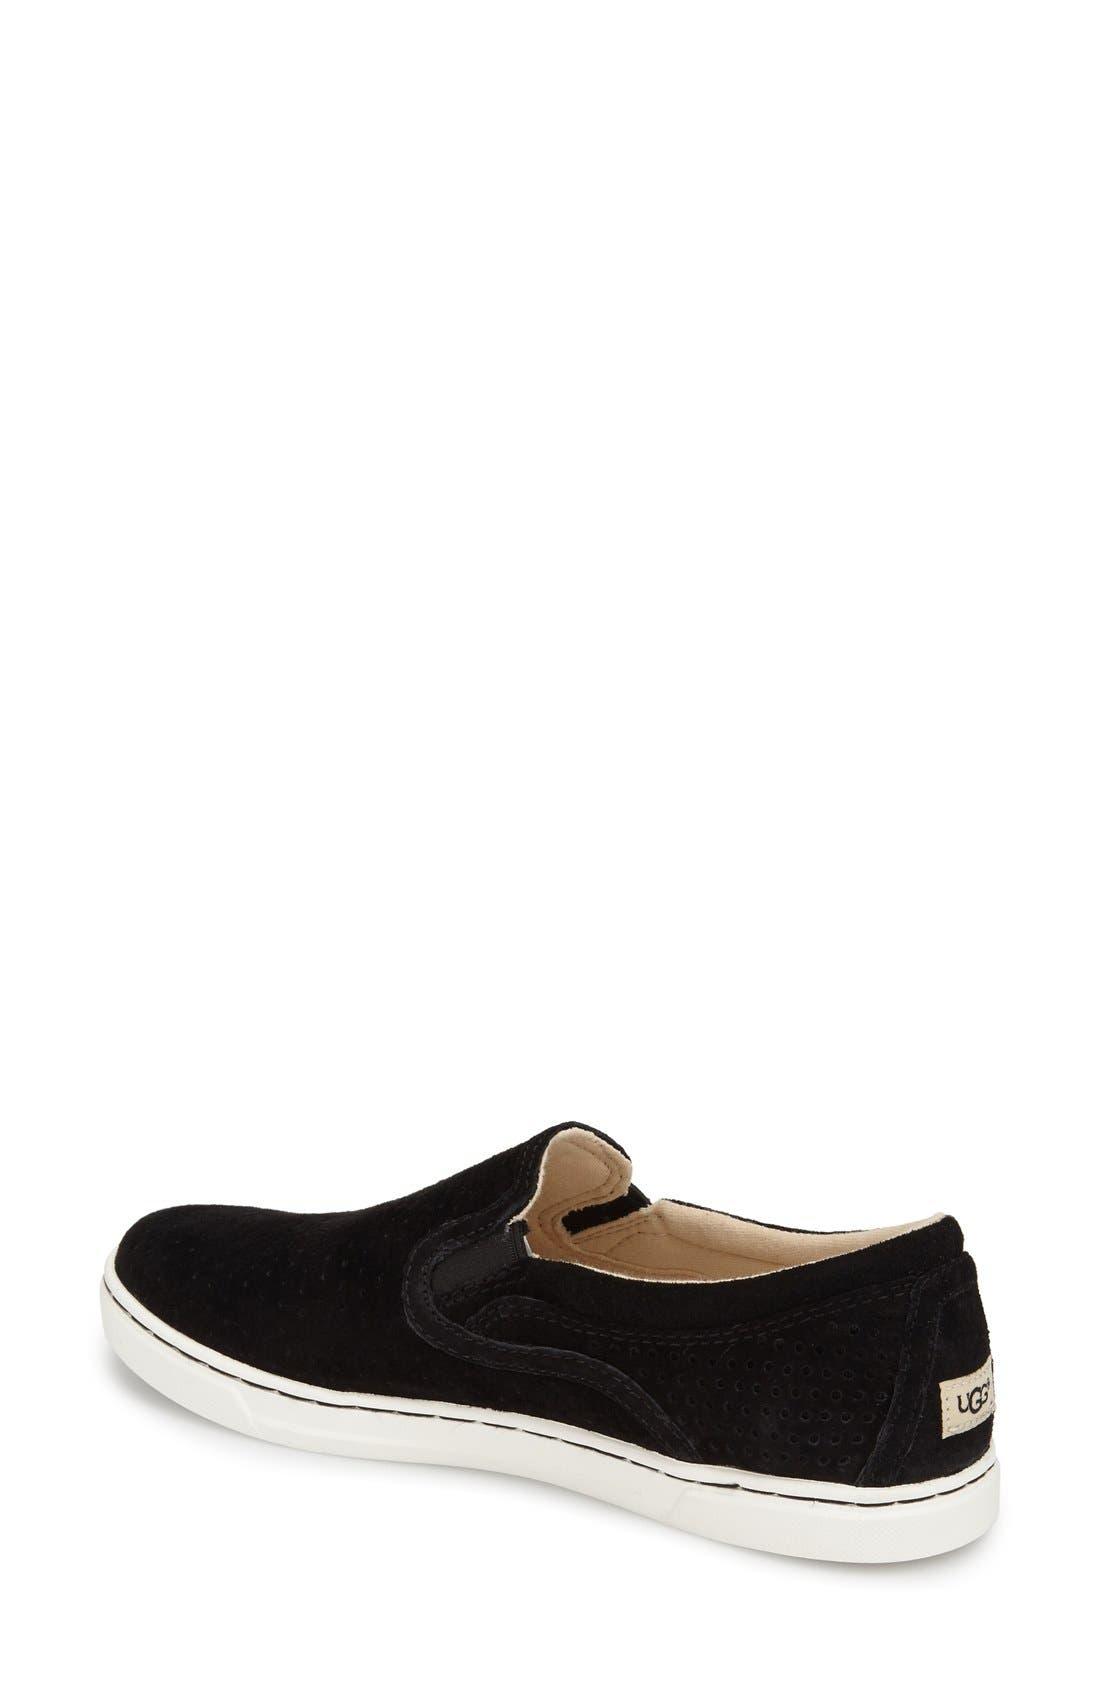 'Fierce Geo' Perforated Slip-On Sneaker,                             Alternate thumbnail 2, color,                             Black Suede